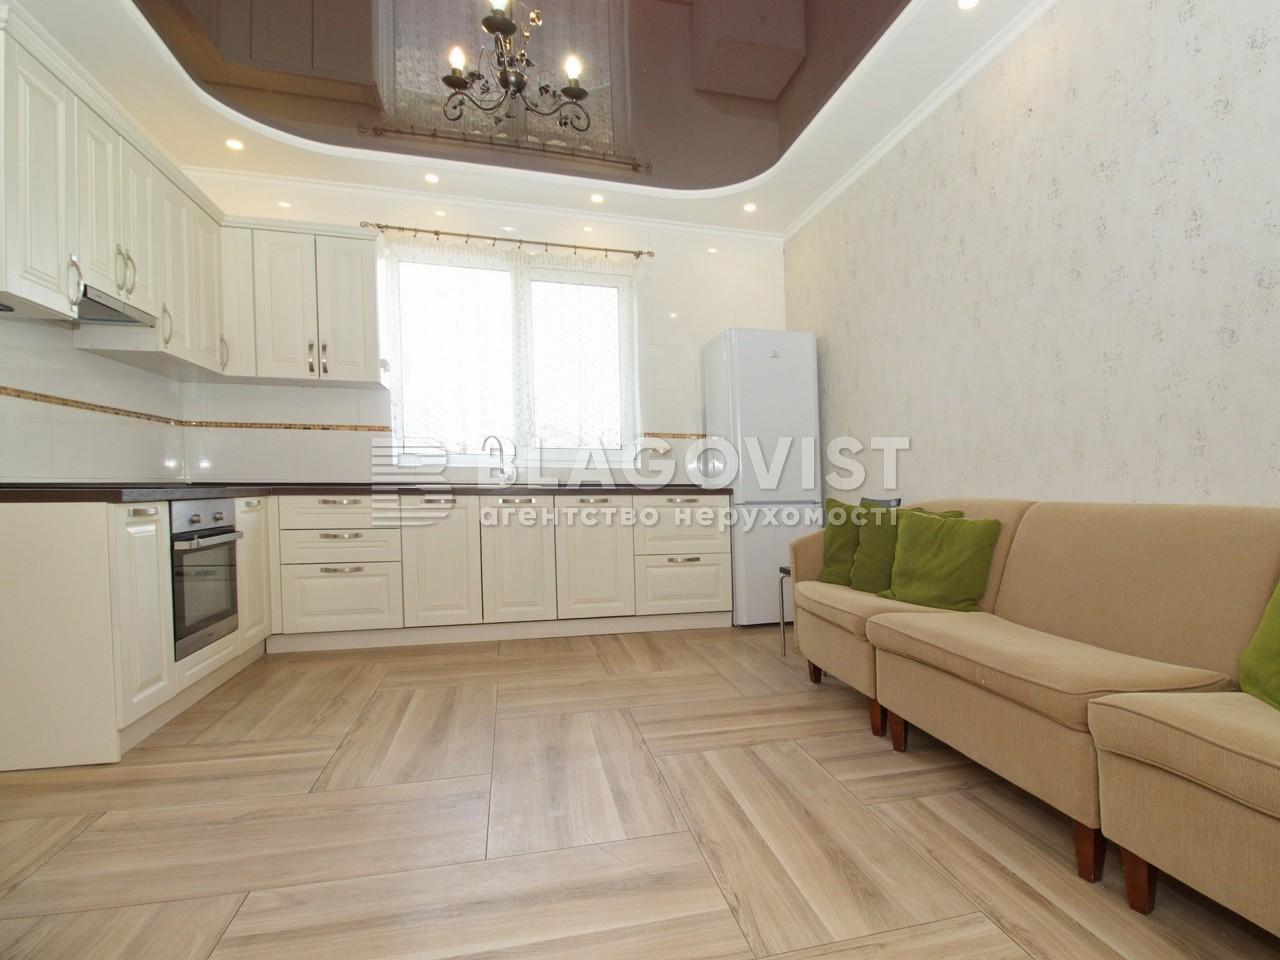 Дом R-39059, Центральная, Киев - Фото 5